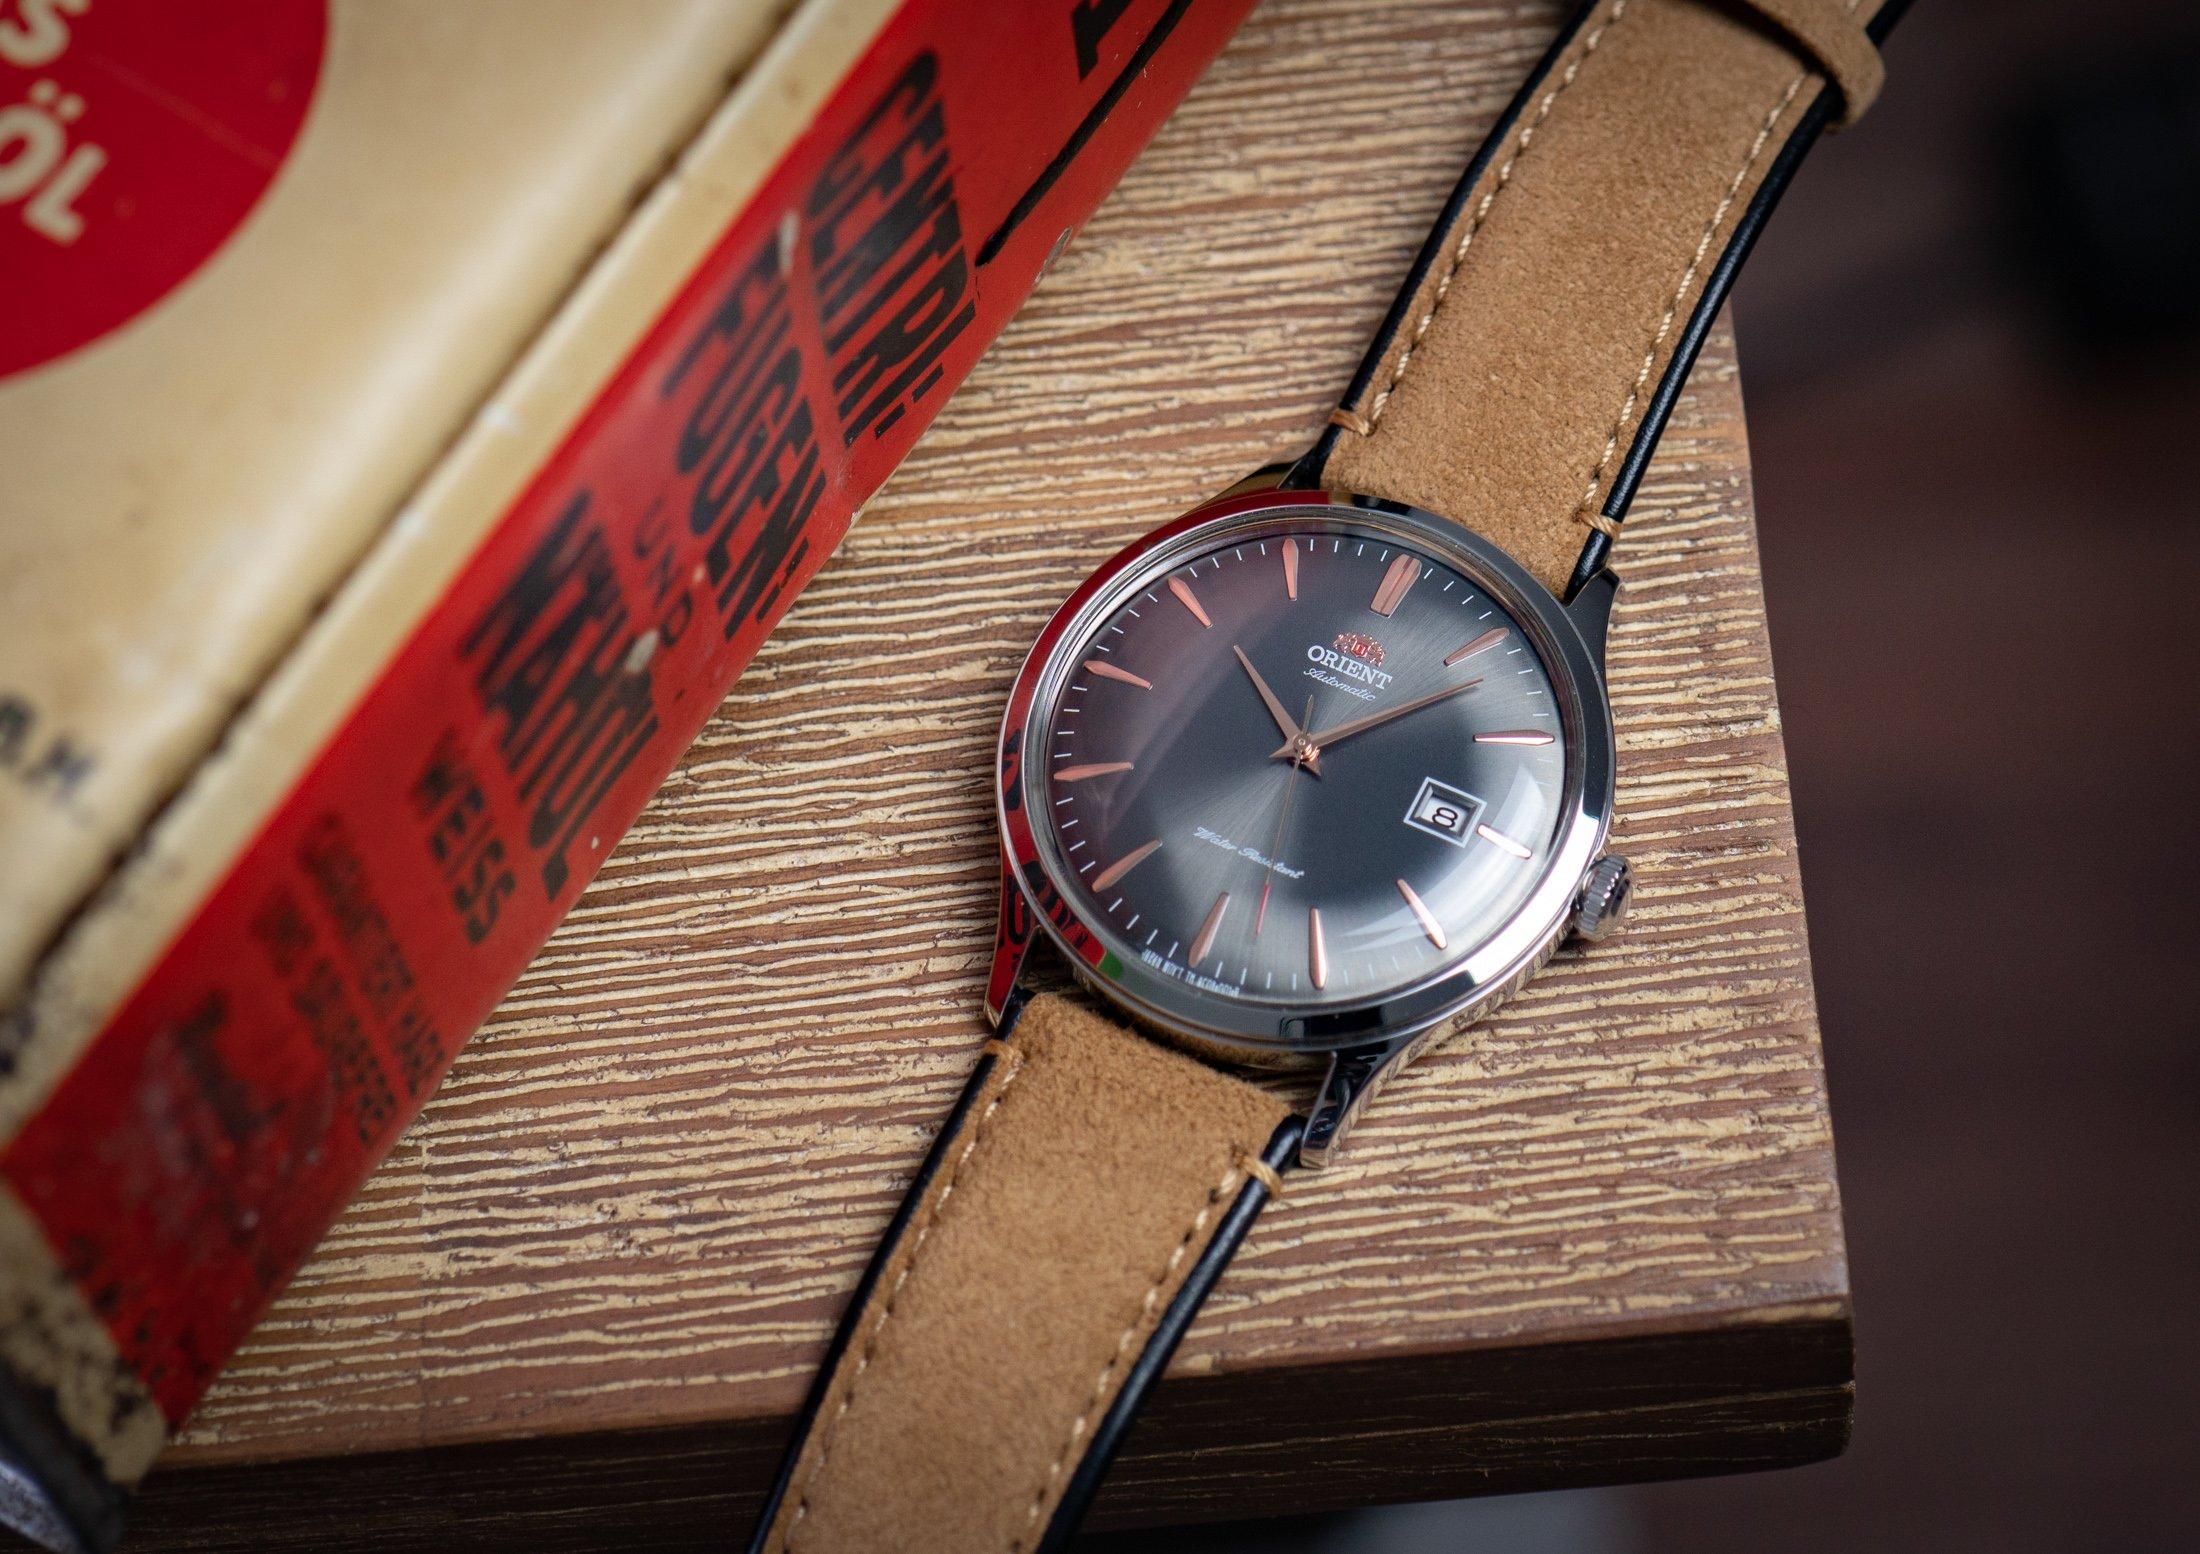 Orient-Bambino-Uhr-Dresswatch-Test